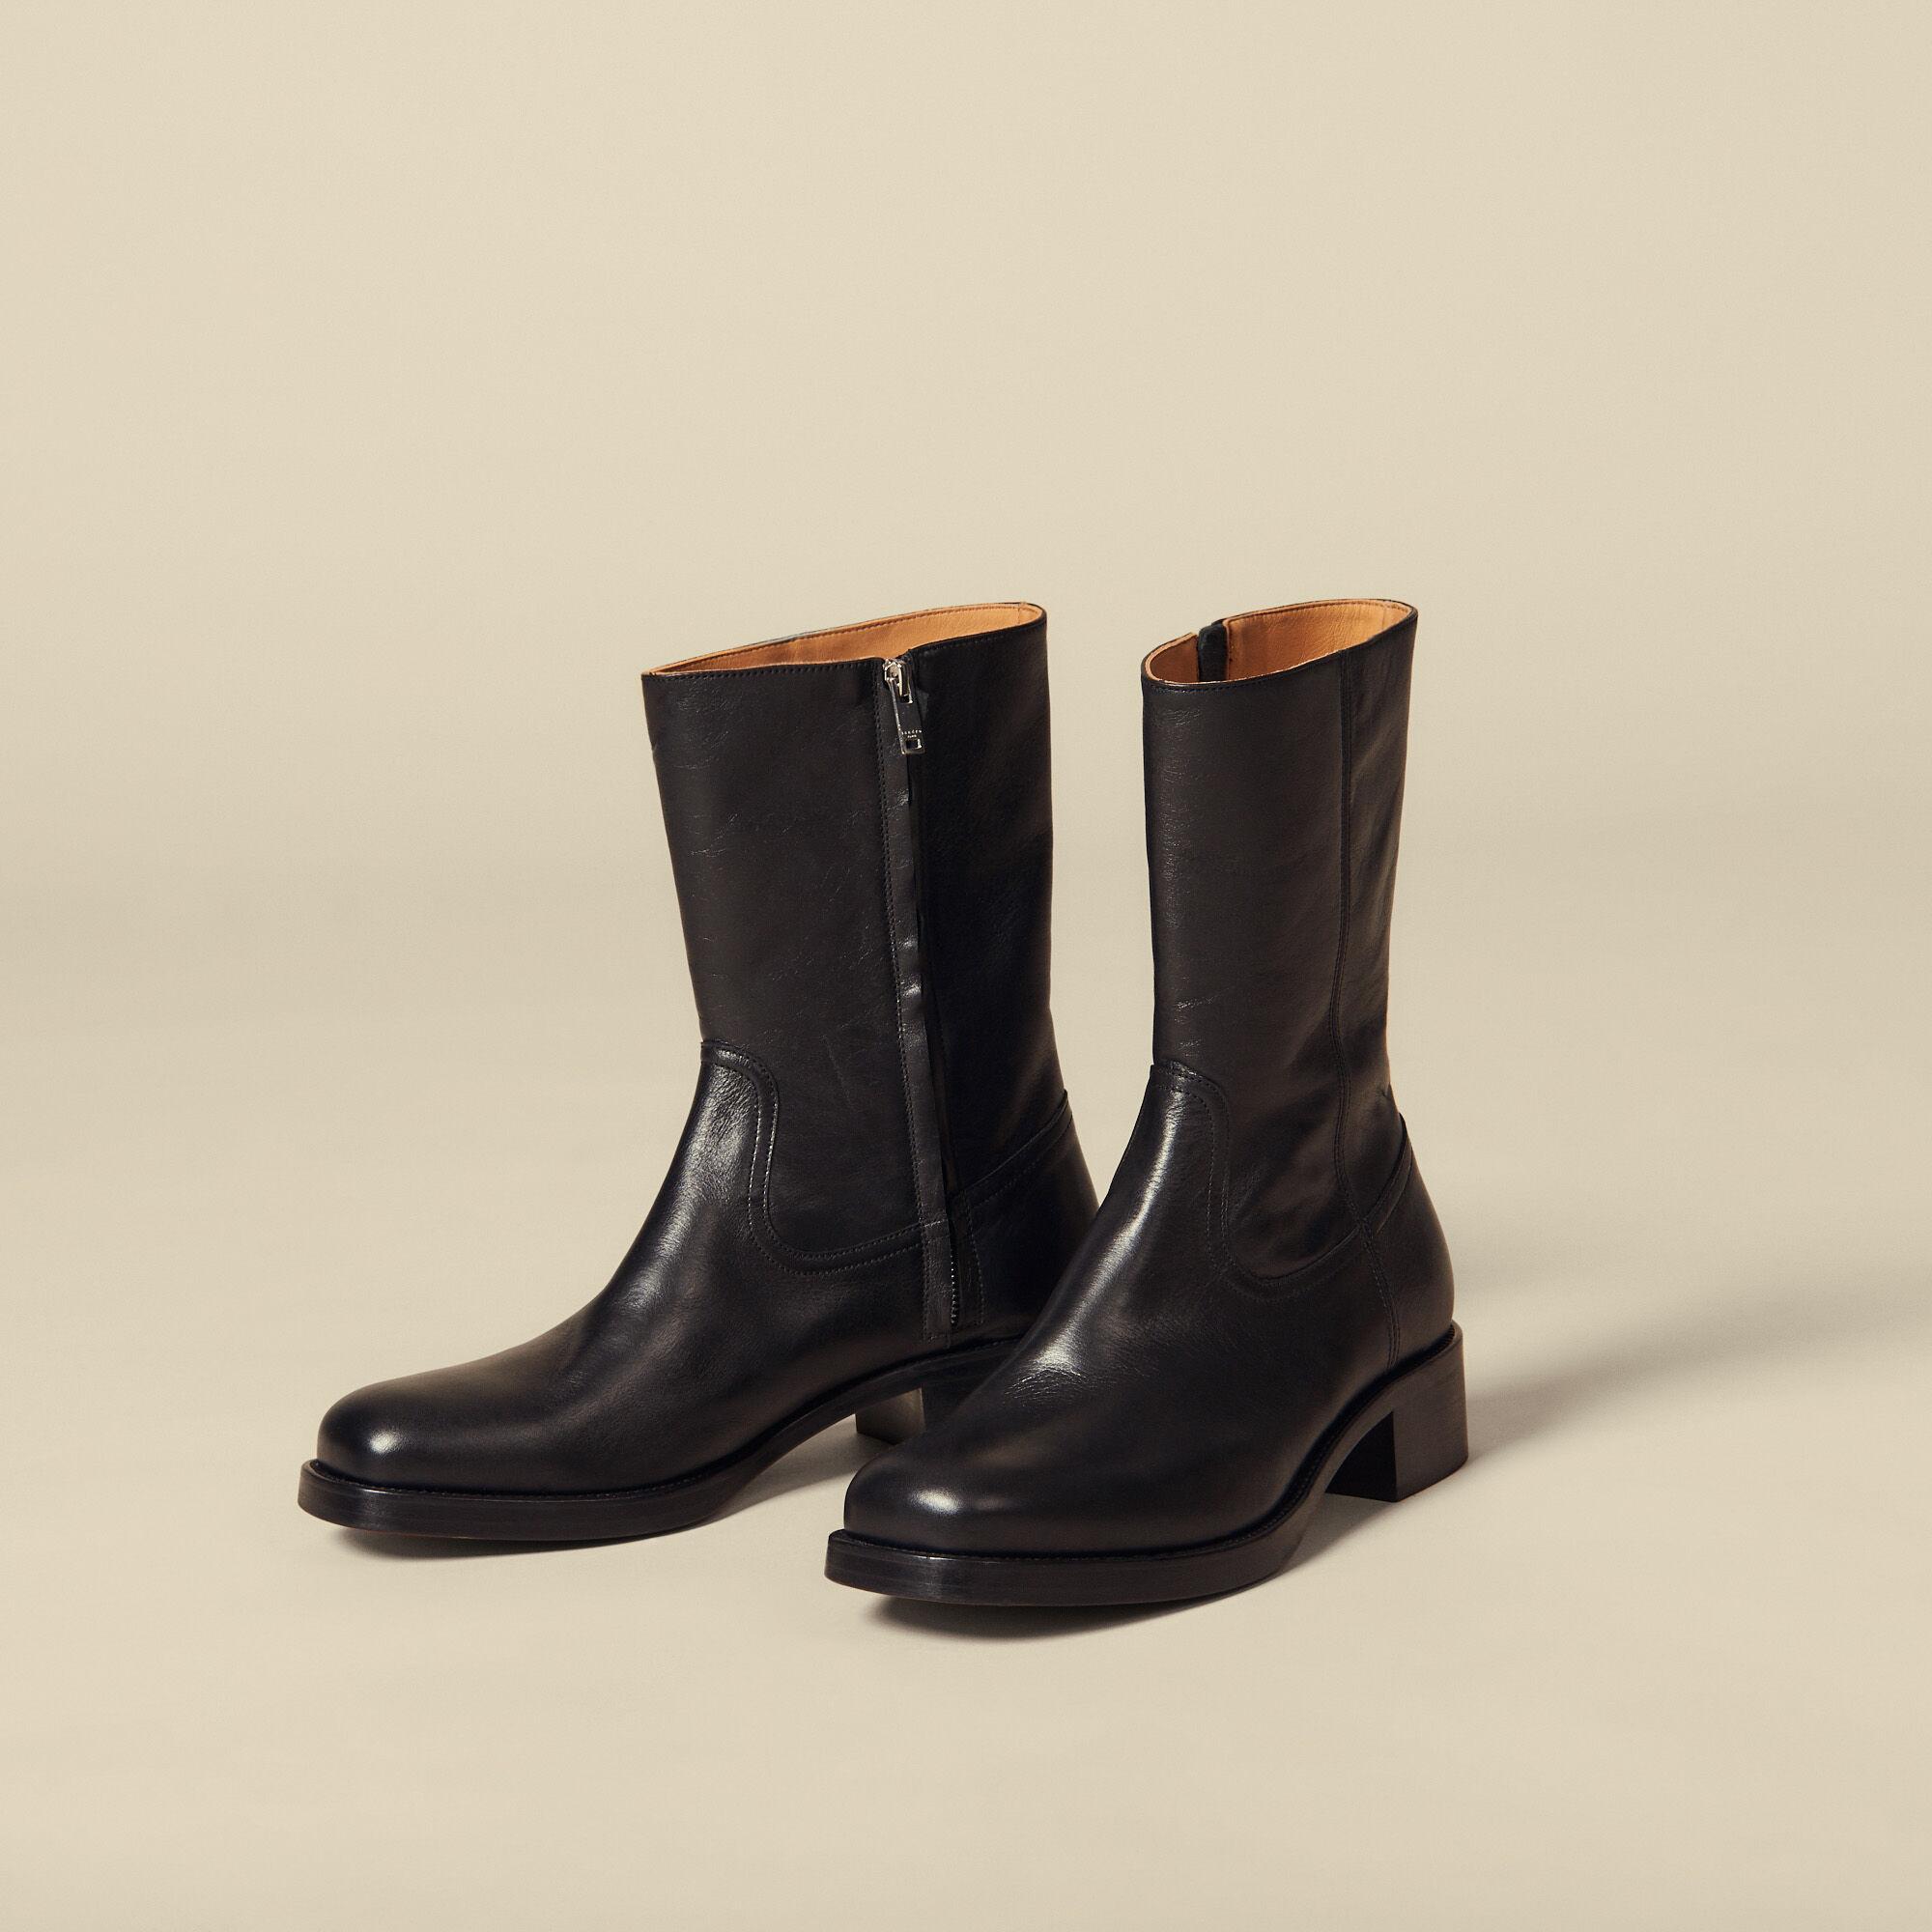 Schuhe Trendigen FürSlippers Schuhe Trendigen Herren Herren nO0wmvN8